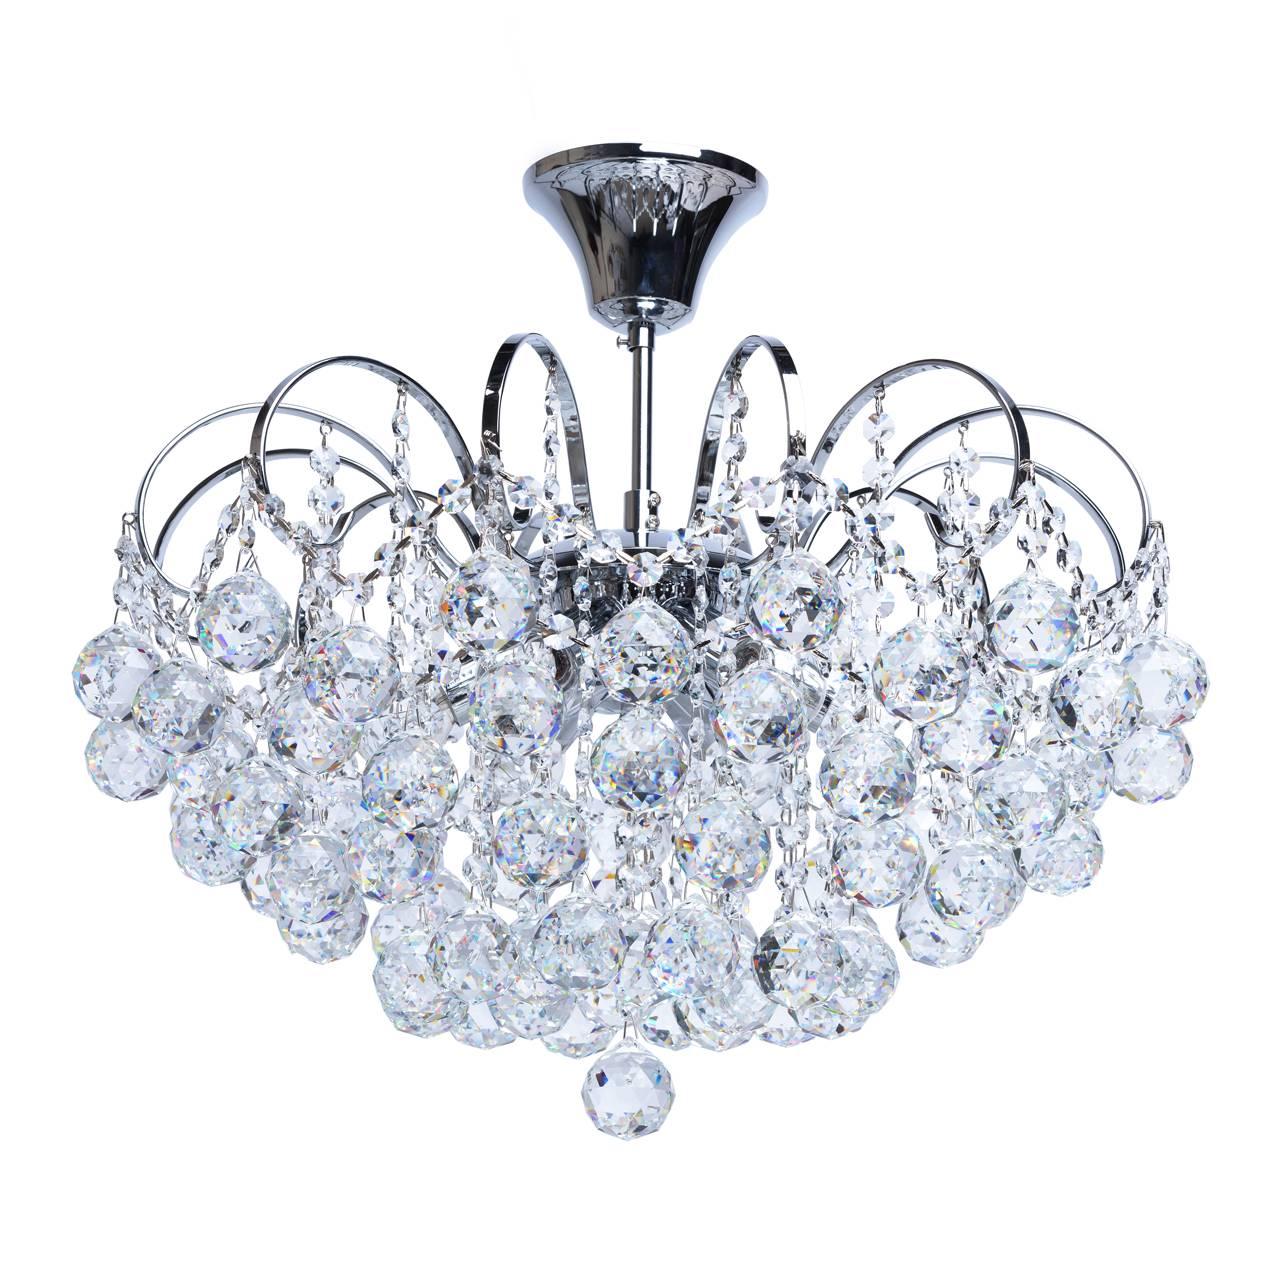 Потолочный светильник MW-Light, E14, 360 Вт потолочный светильник mw light e14 480 вт